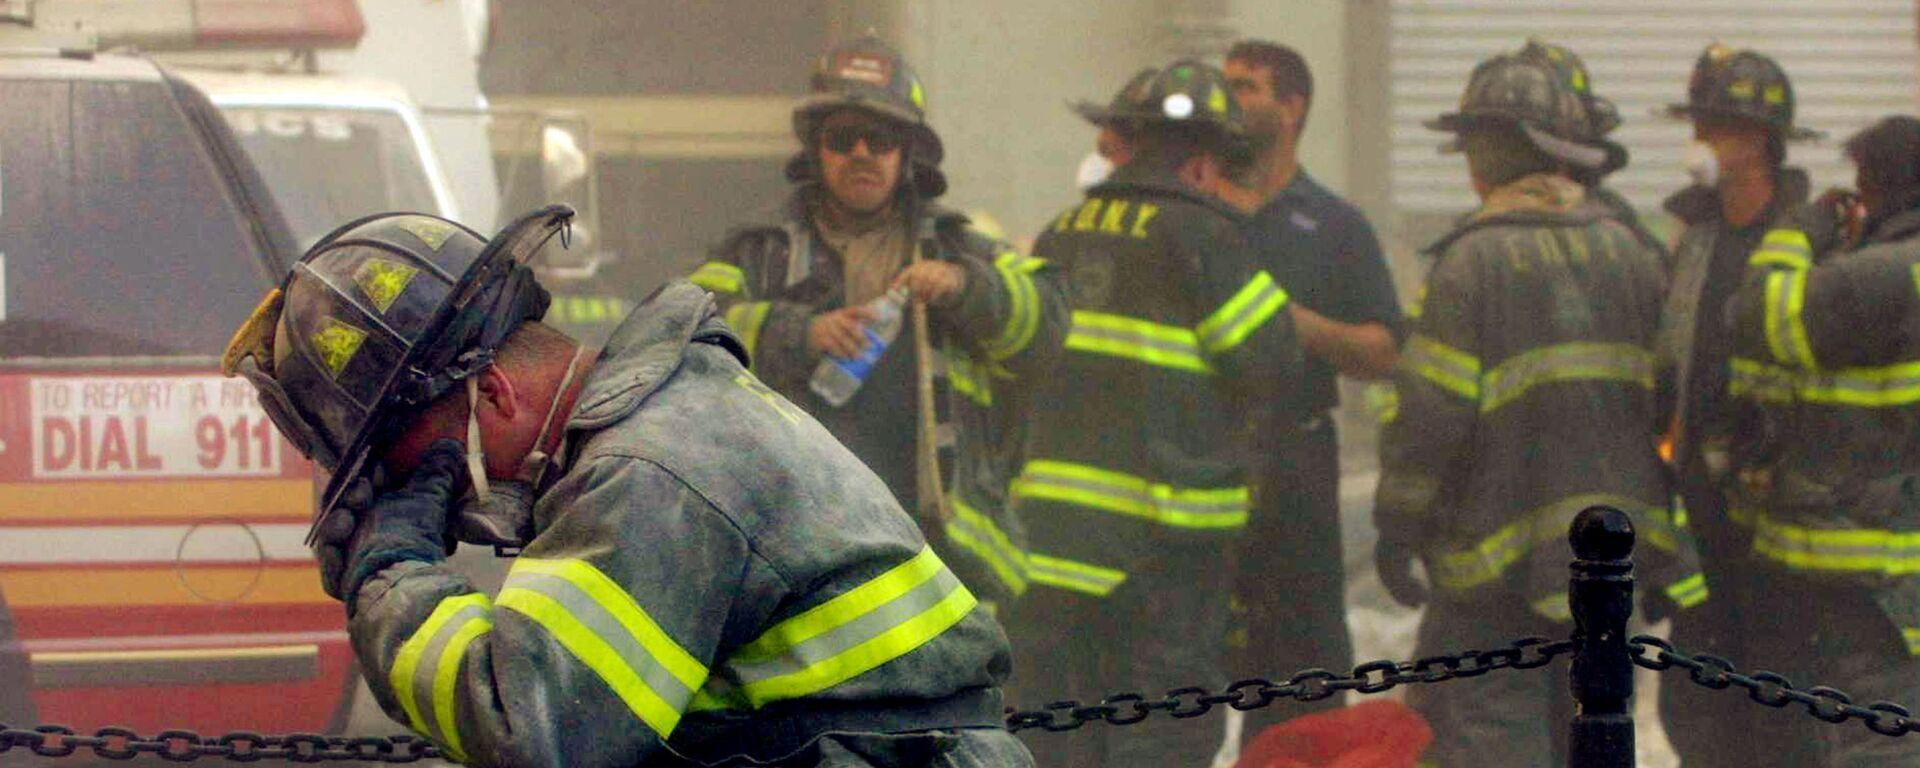 Пожарный плачет возле Всемирного торгового центра в Нью-Йорке, подвергшегося террористической атаке 11 сентября 2001 гоад - Sputnik Latvija, 1920, 07.09.2021